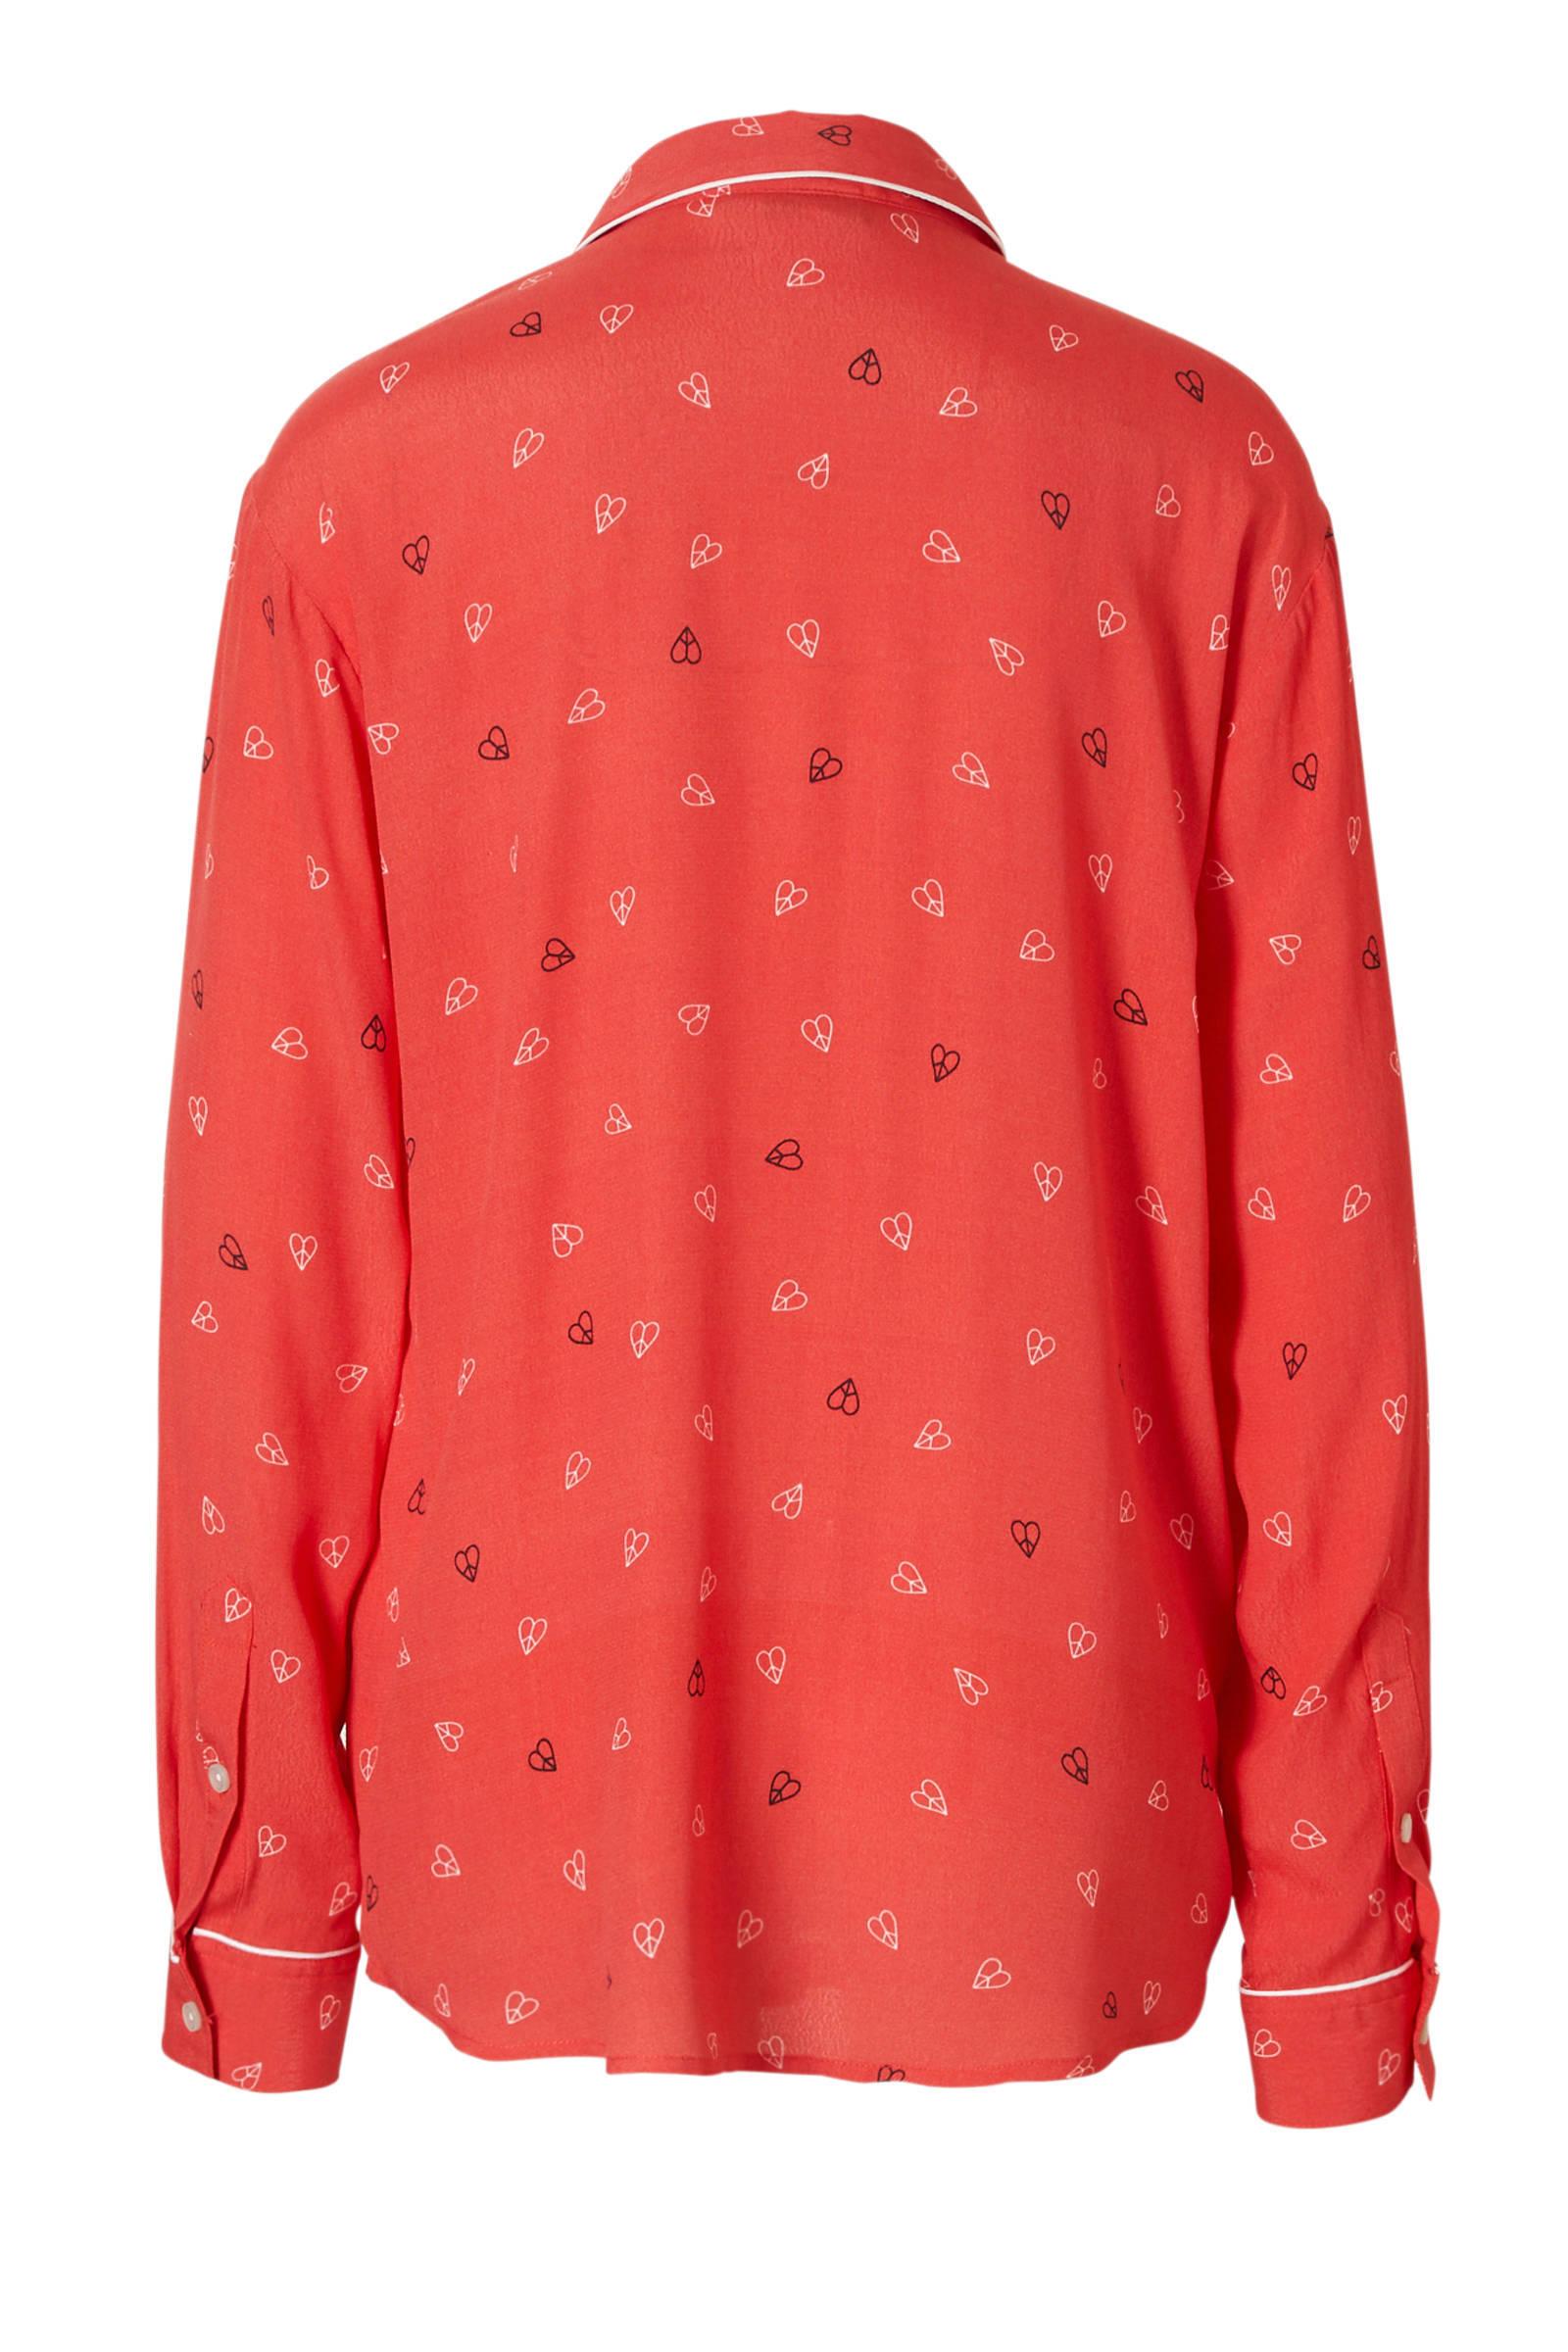 Catwalk blouse Catwalk Junkie Catwalk Junkie blouse dEqFzU